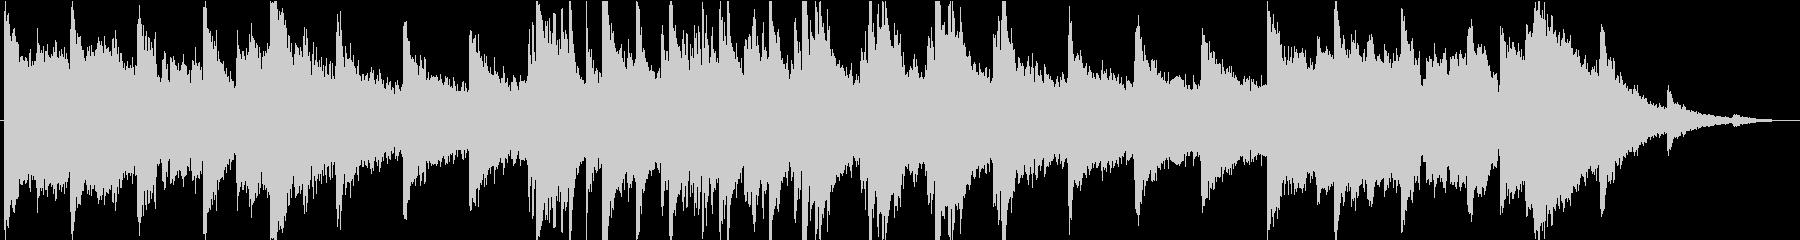 不思議・不穏で悲しげな曲の未再生の波形